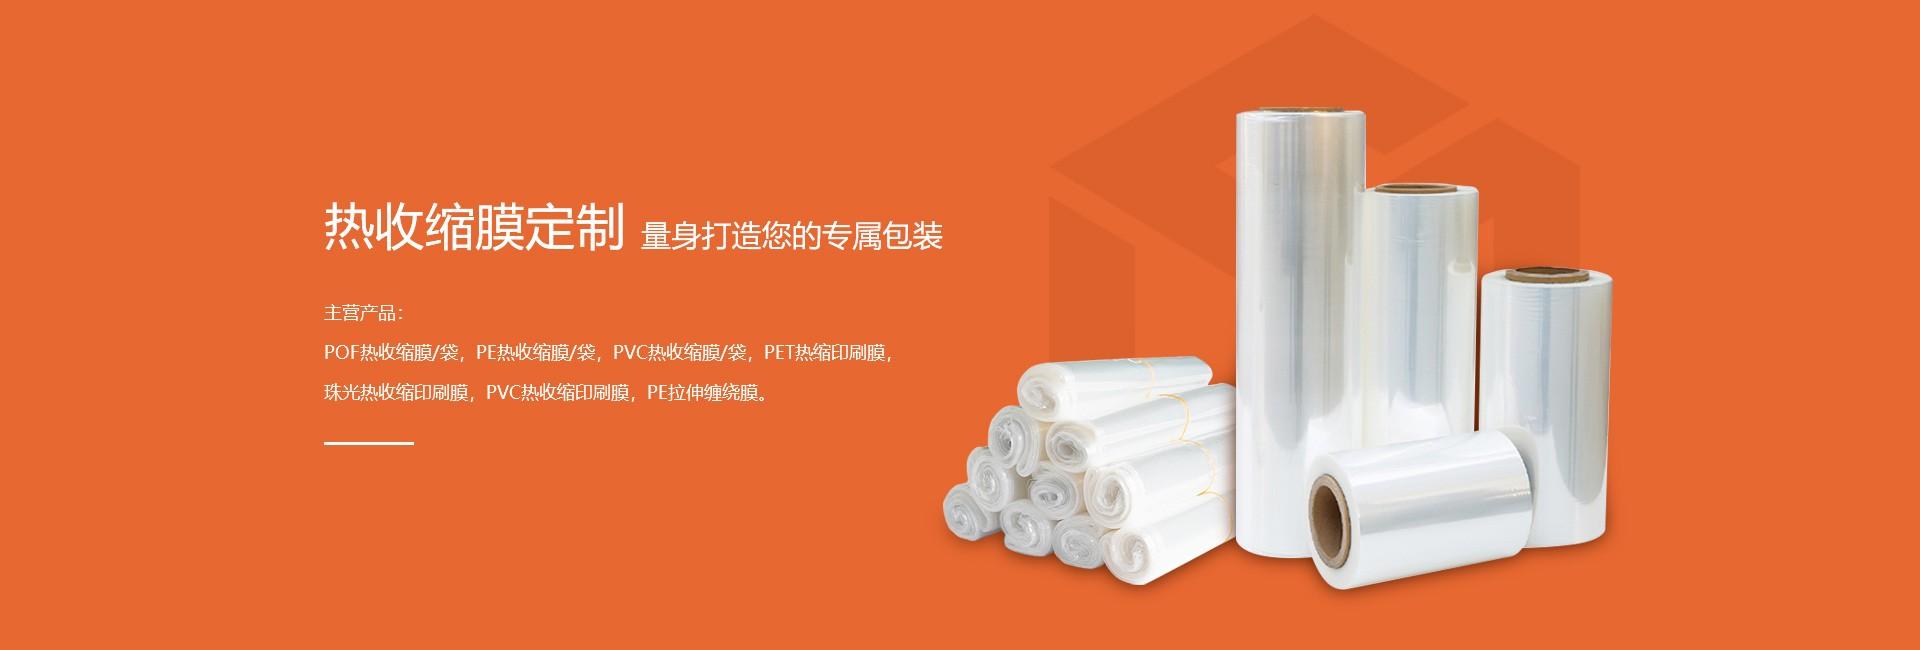 POF熱收縮膜,PE熱收縮膜,PVC熱收縮膜,重慶w88手機版包裝材料有限公司